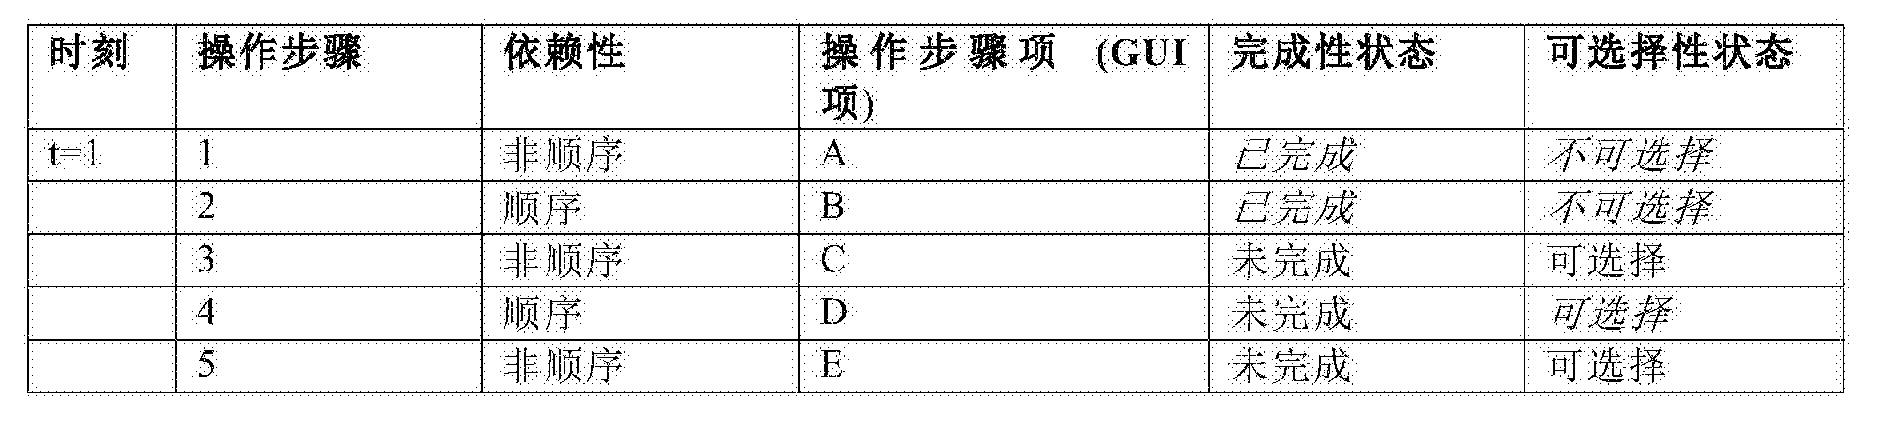 Figure CN104321772BD00192